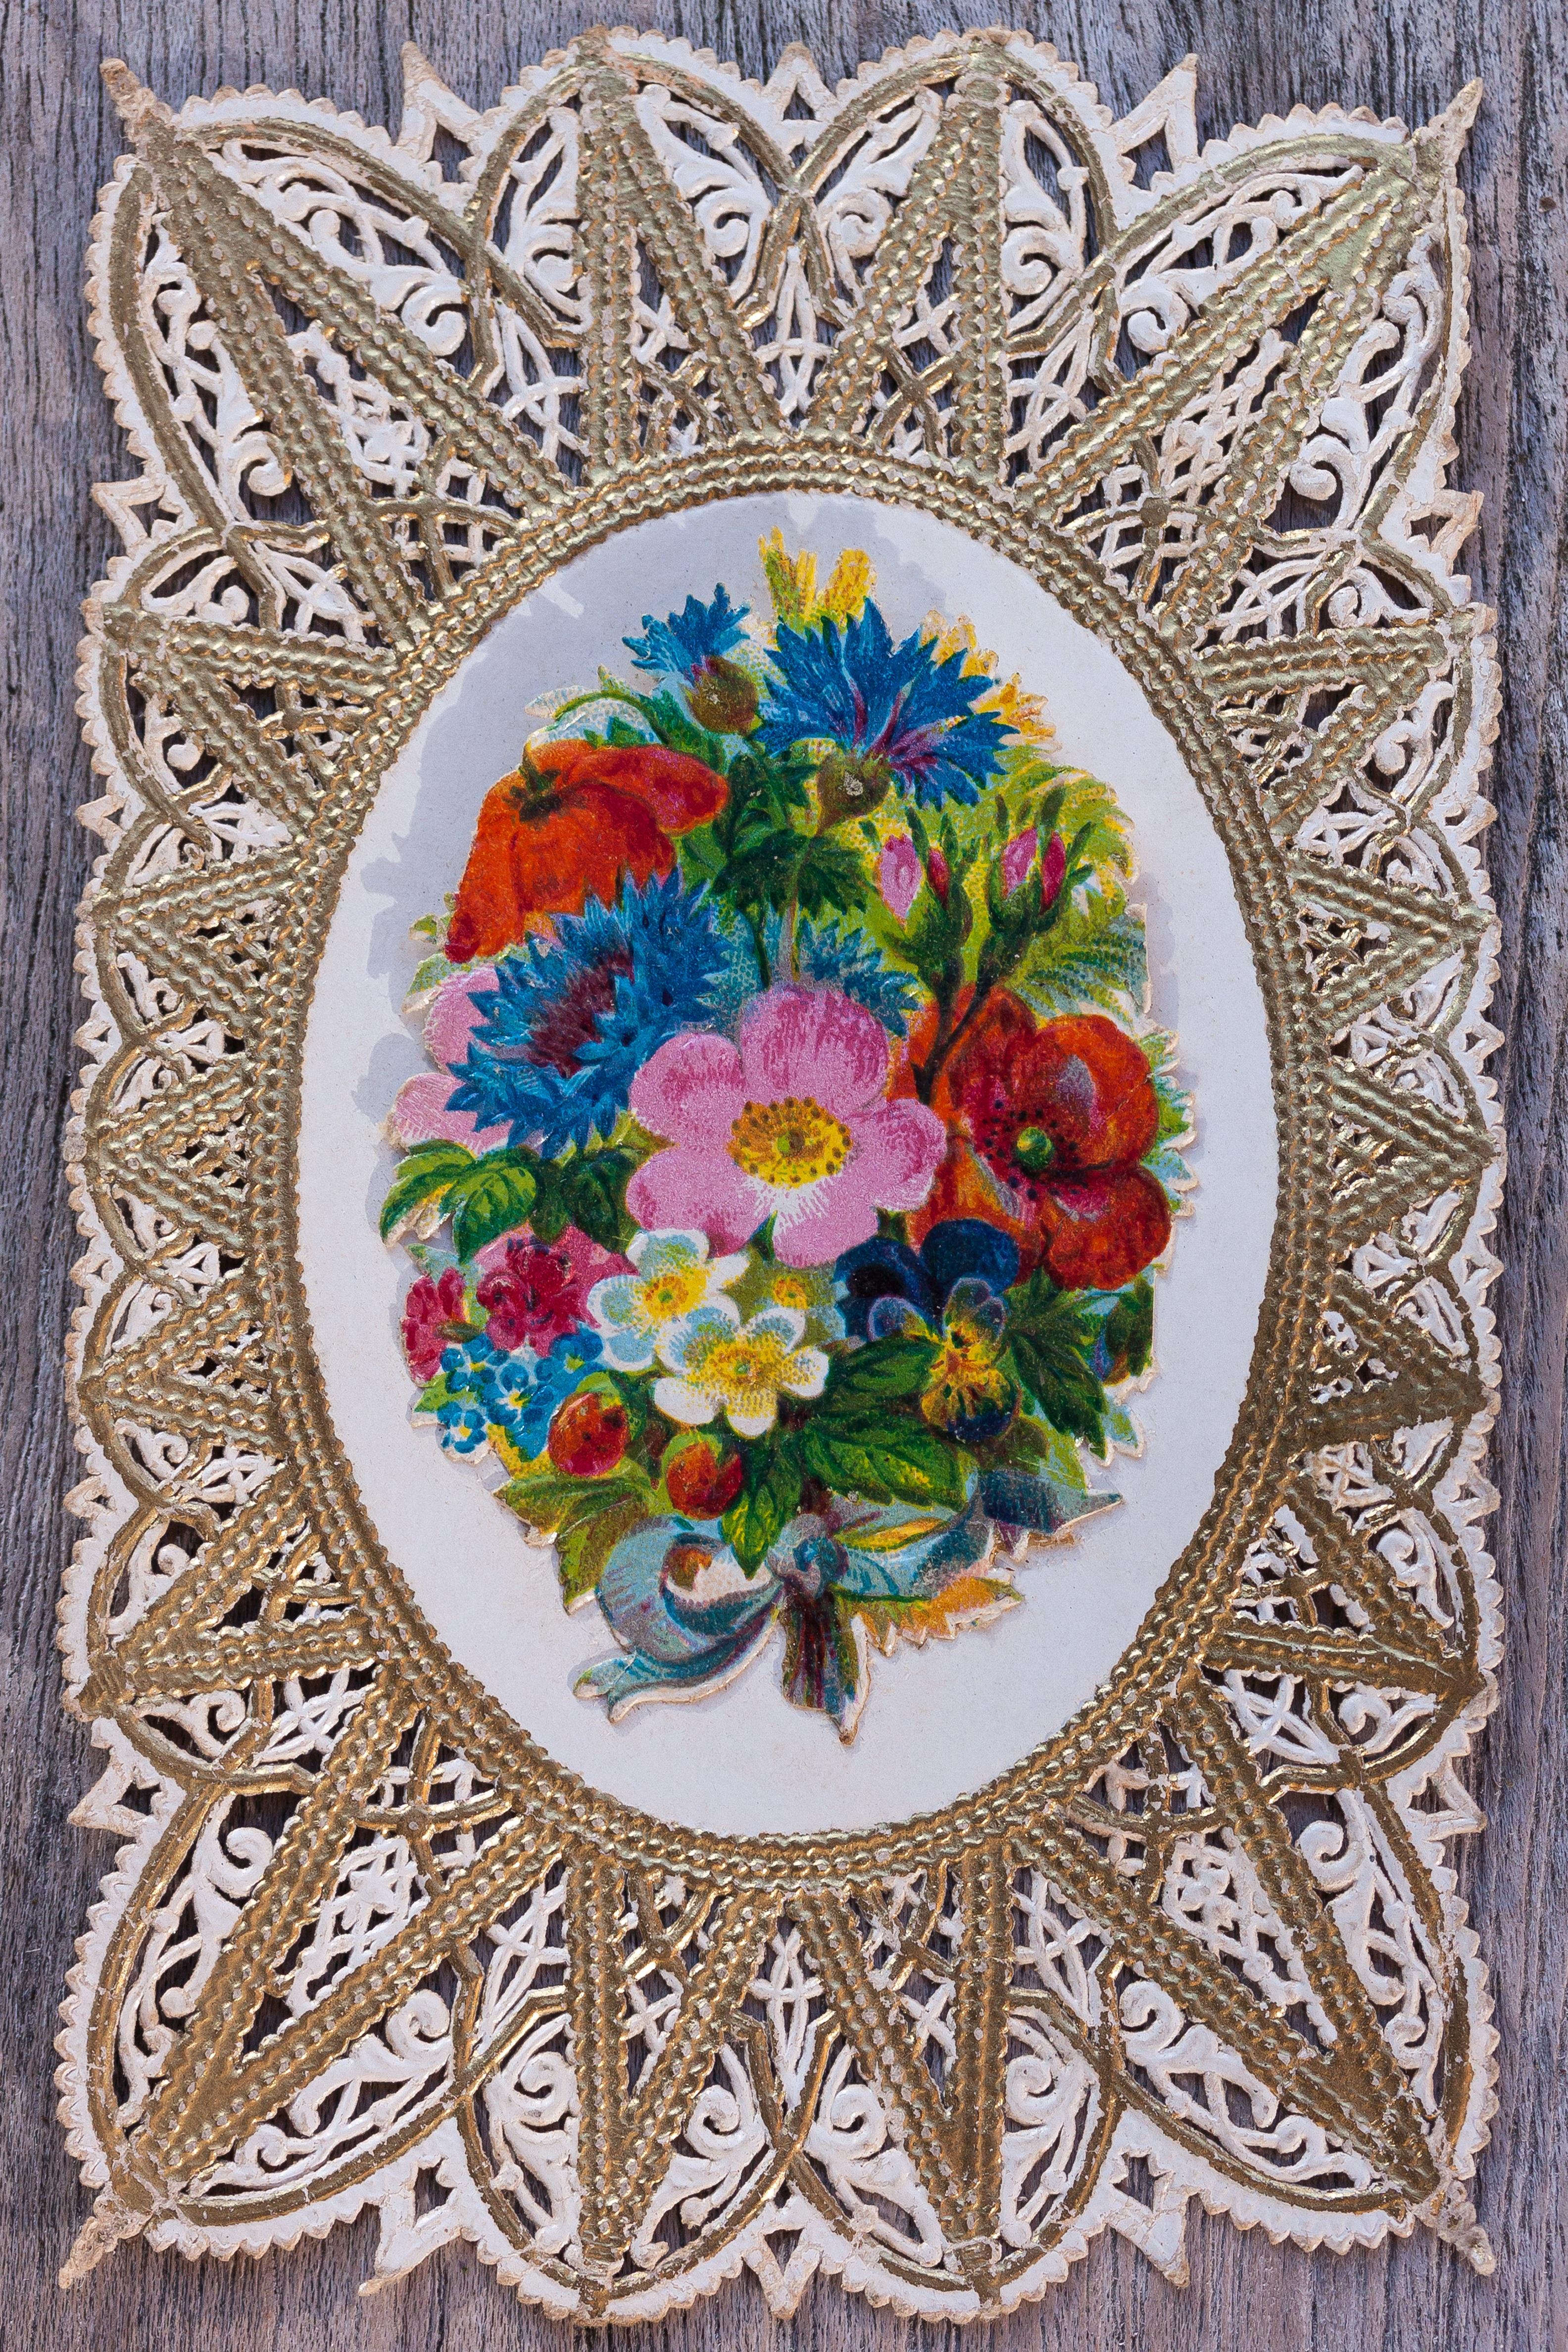 Kostenlose foto : Jahrgang, Antiquität, Blume, alt, Strauß, Rose ...